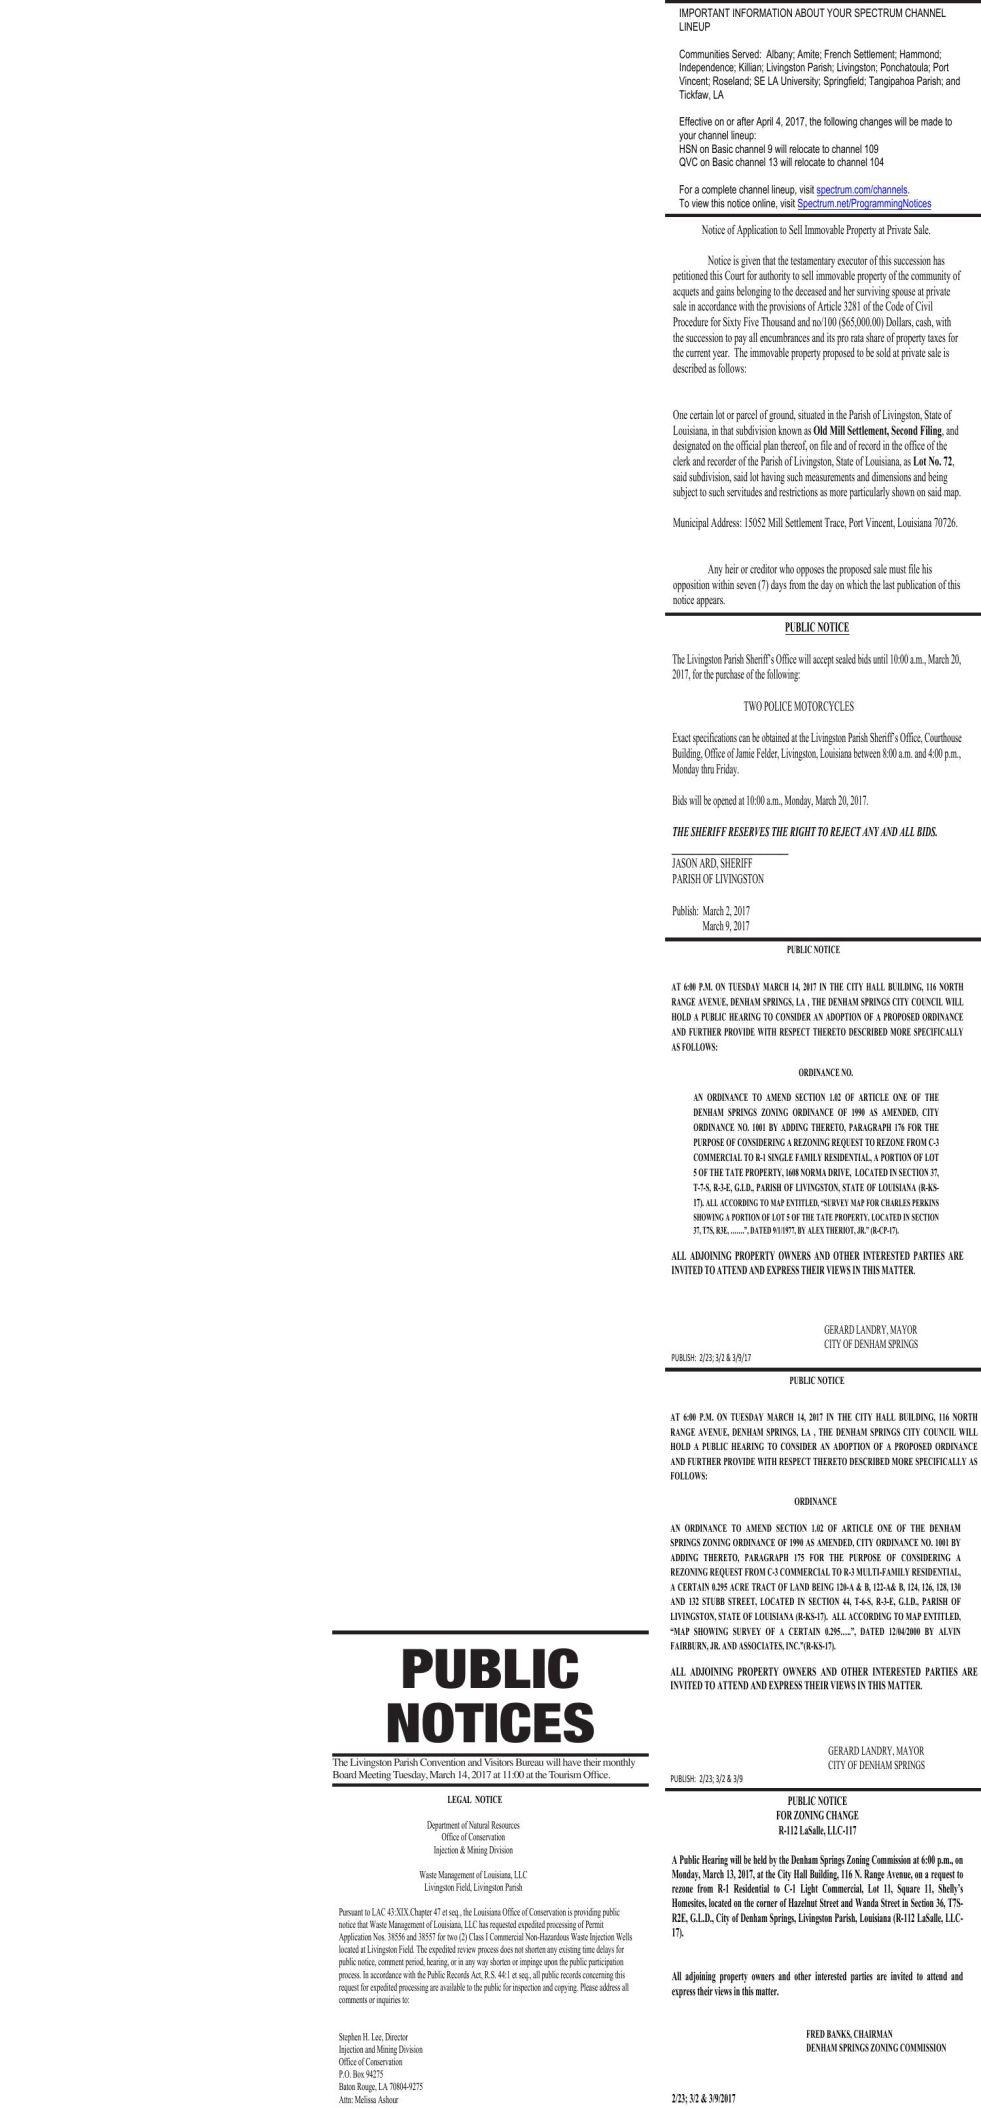 Public Notices published March 9, 2017